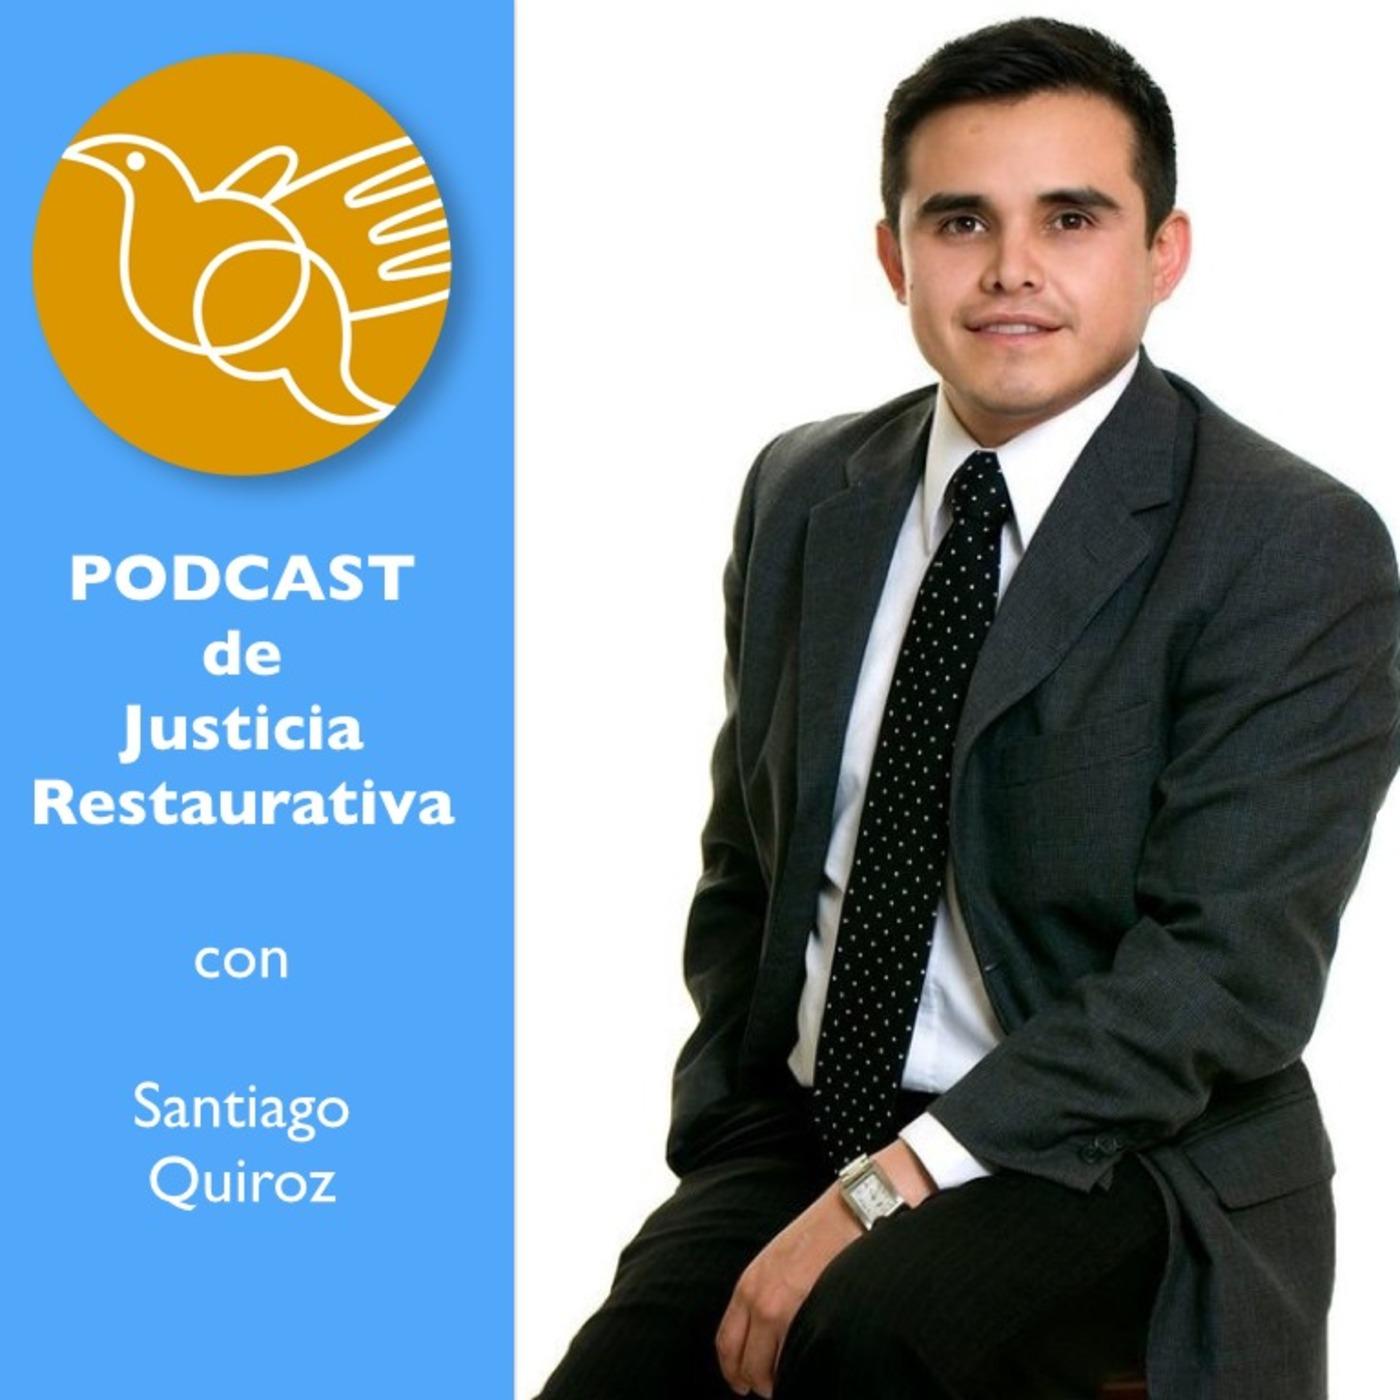 Podcast de Justicia Restaurativa con Santiago Quiroz